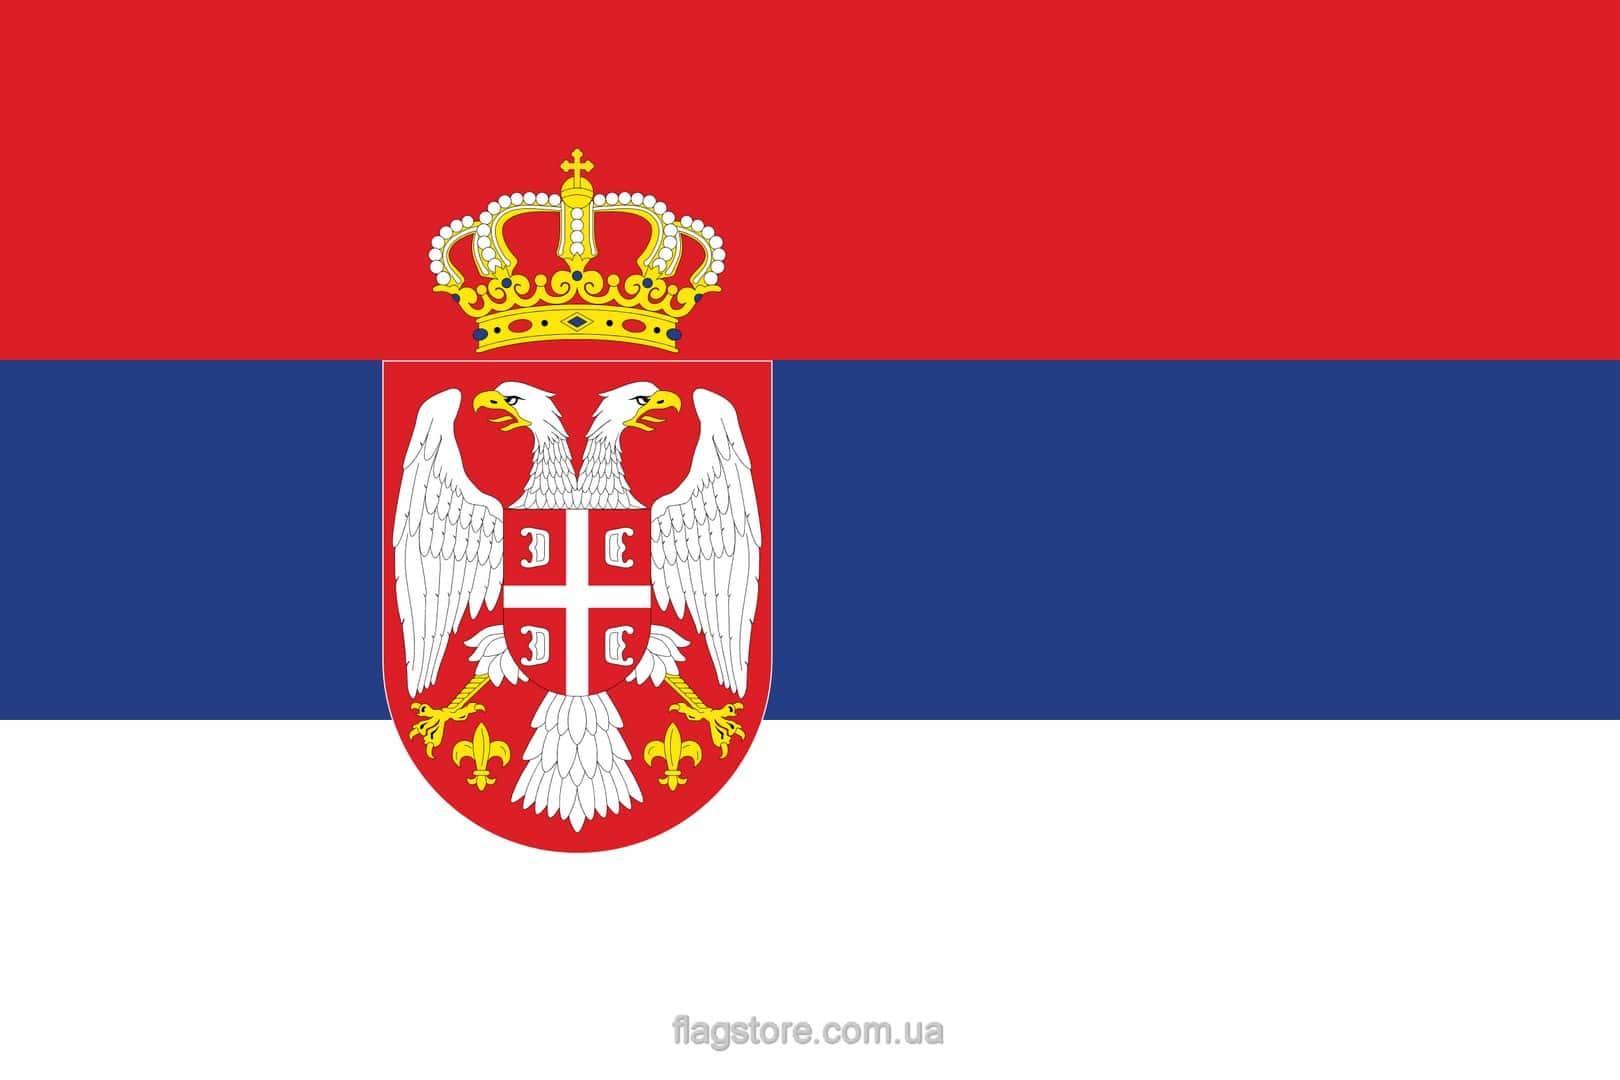 Купить флаг Сербии (страны Сербия)